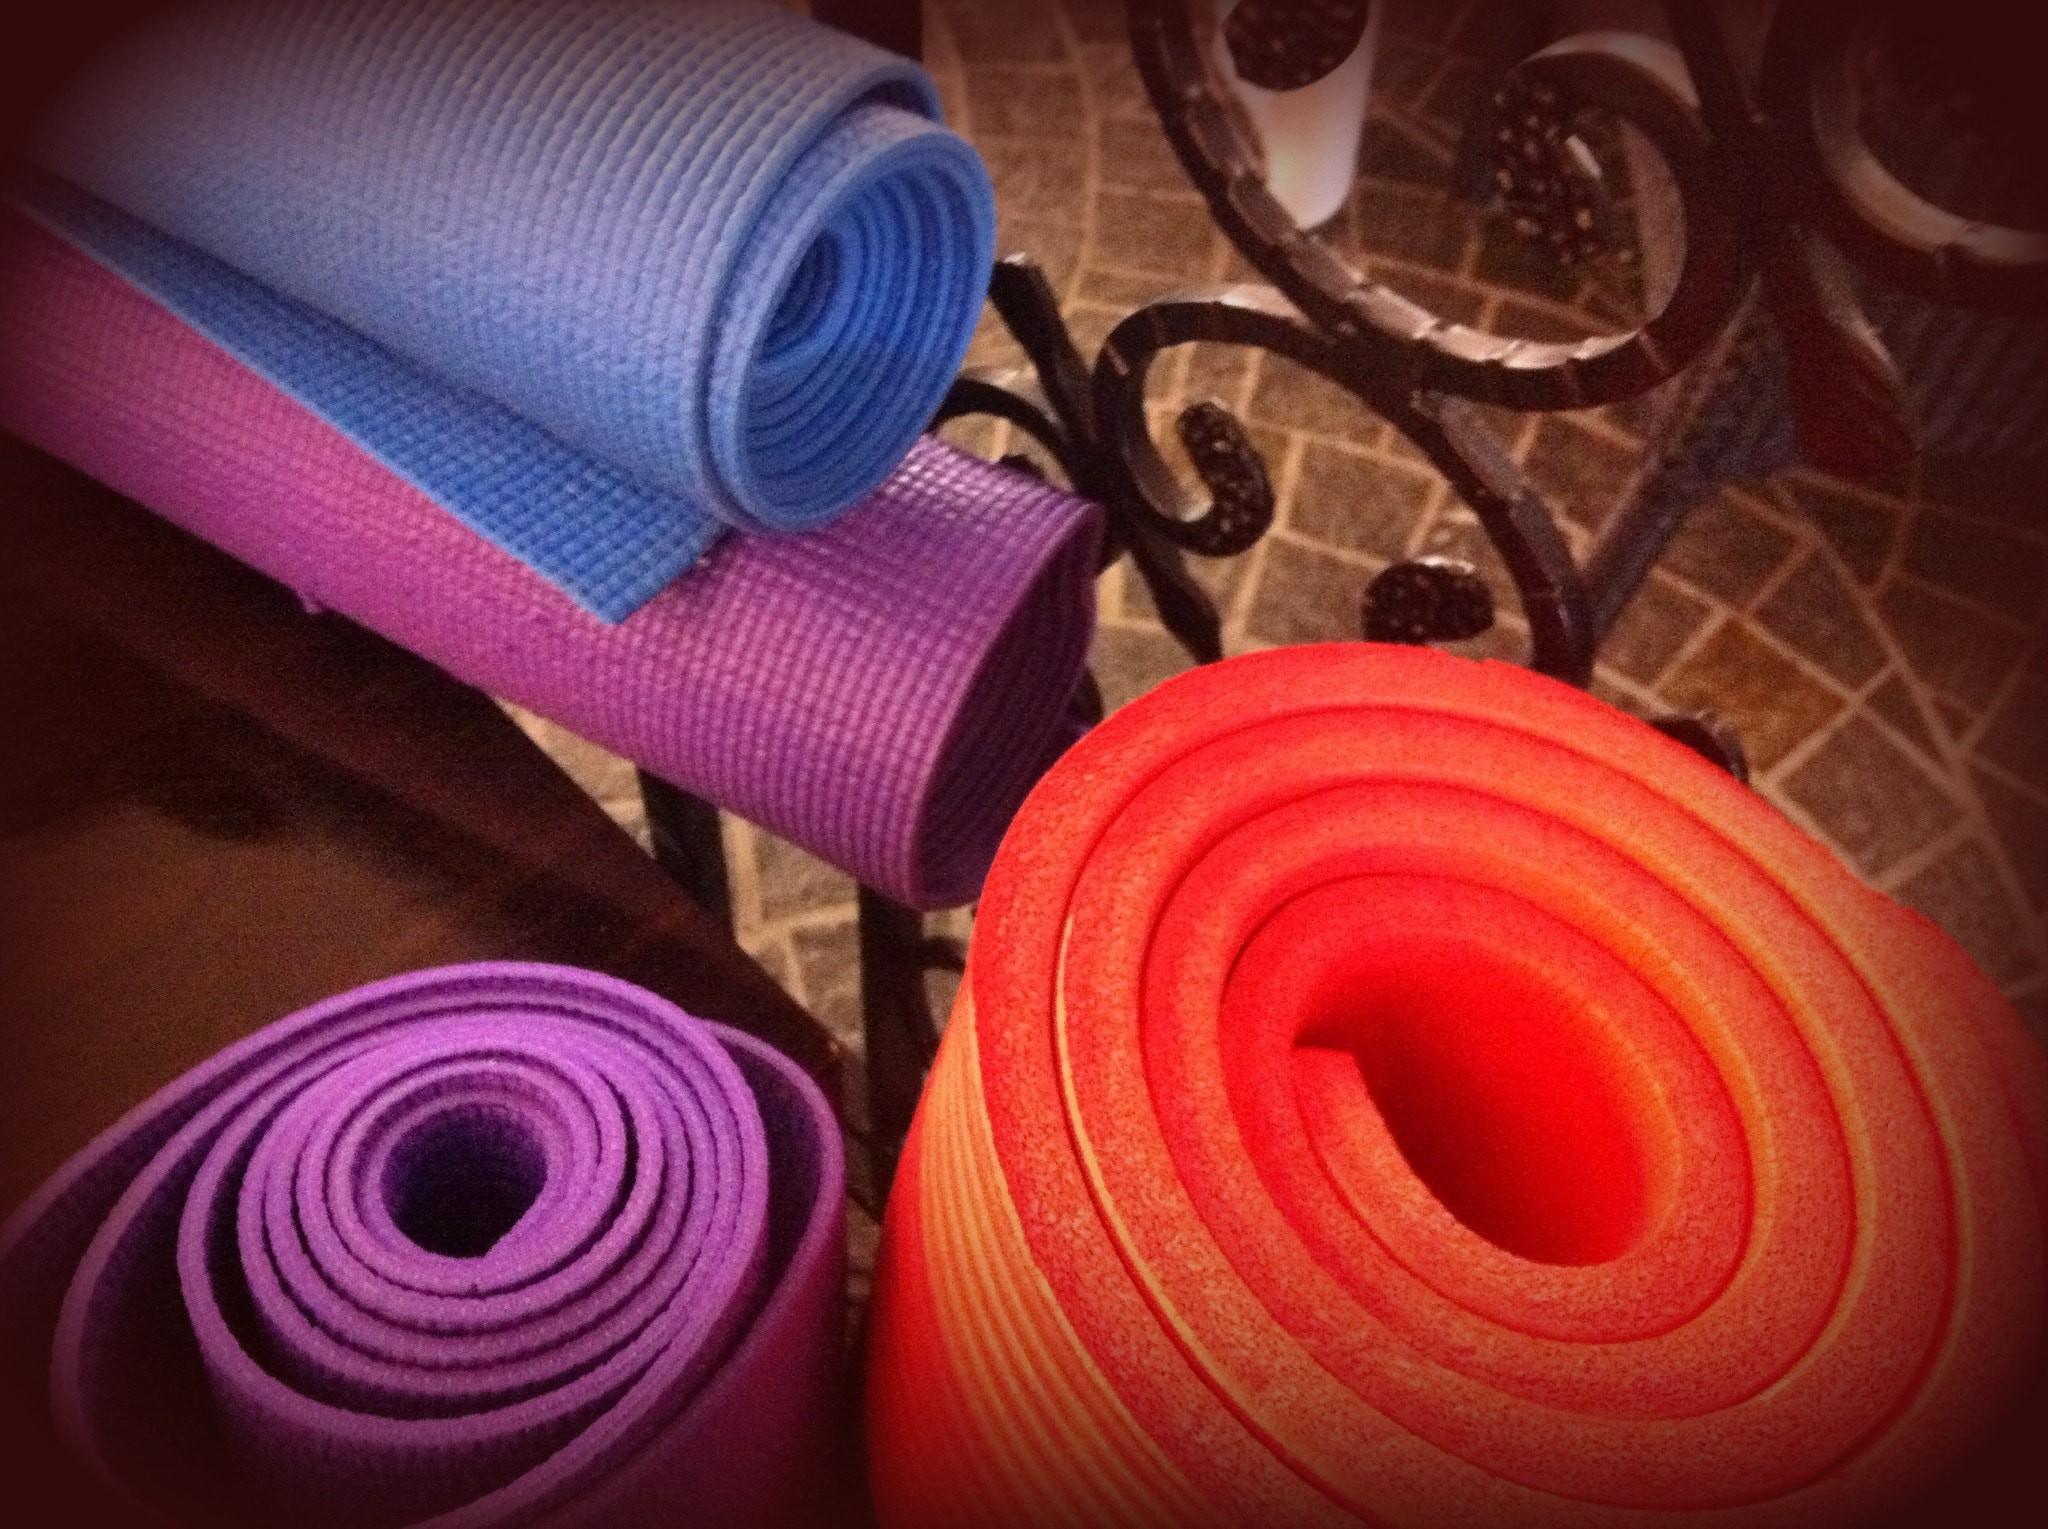 Yoga mats | © Tony and Debbie / Flickr